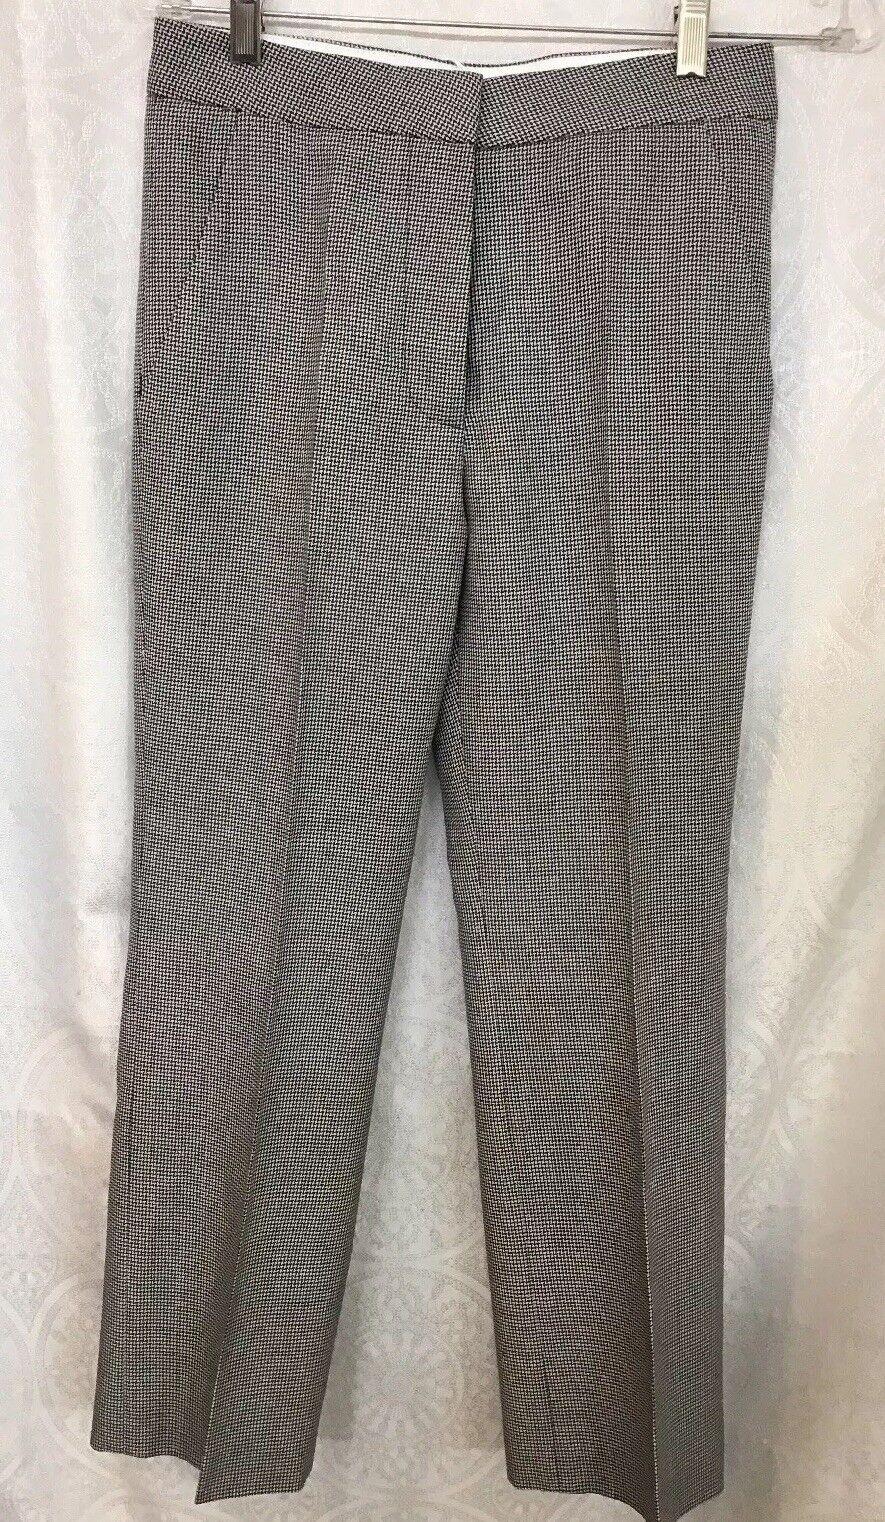 Stella McCochetney Pantalones Delgada  Negro y blancoo Corto Nuevo Con Etiquetas  525 euro Talla 36  Nuevos productos de artículos novedosos.